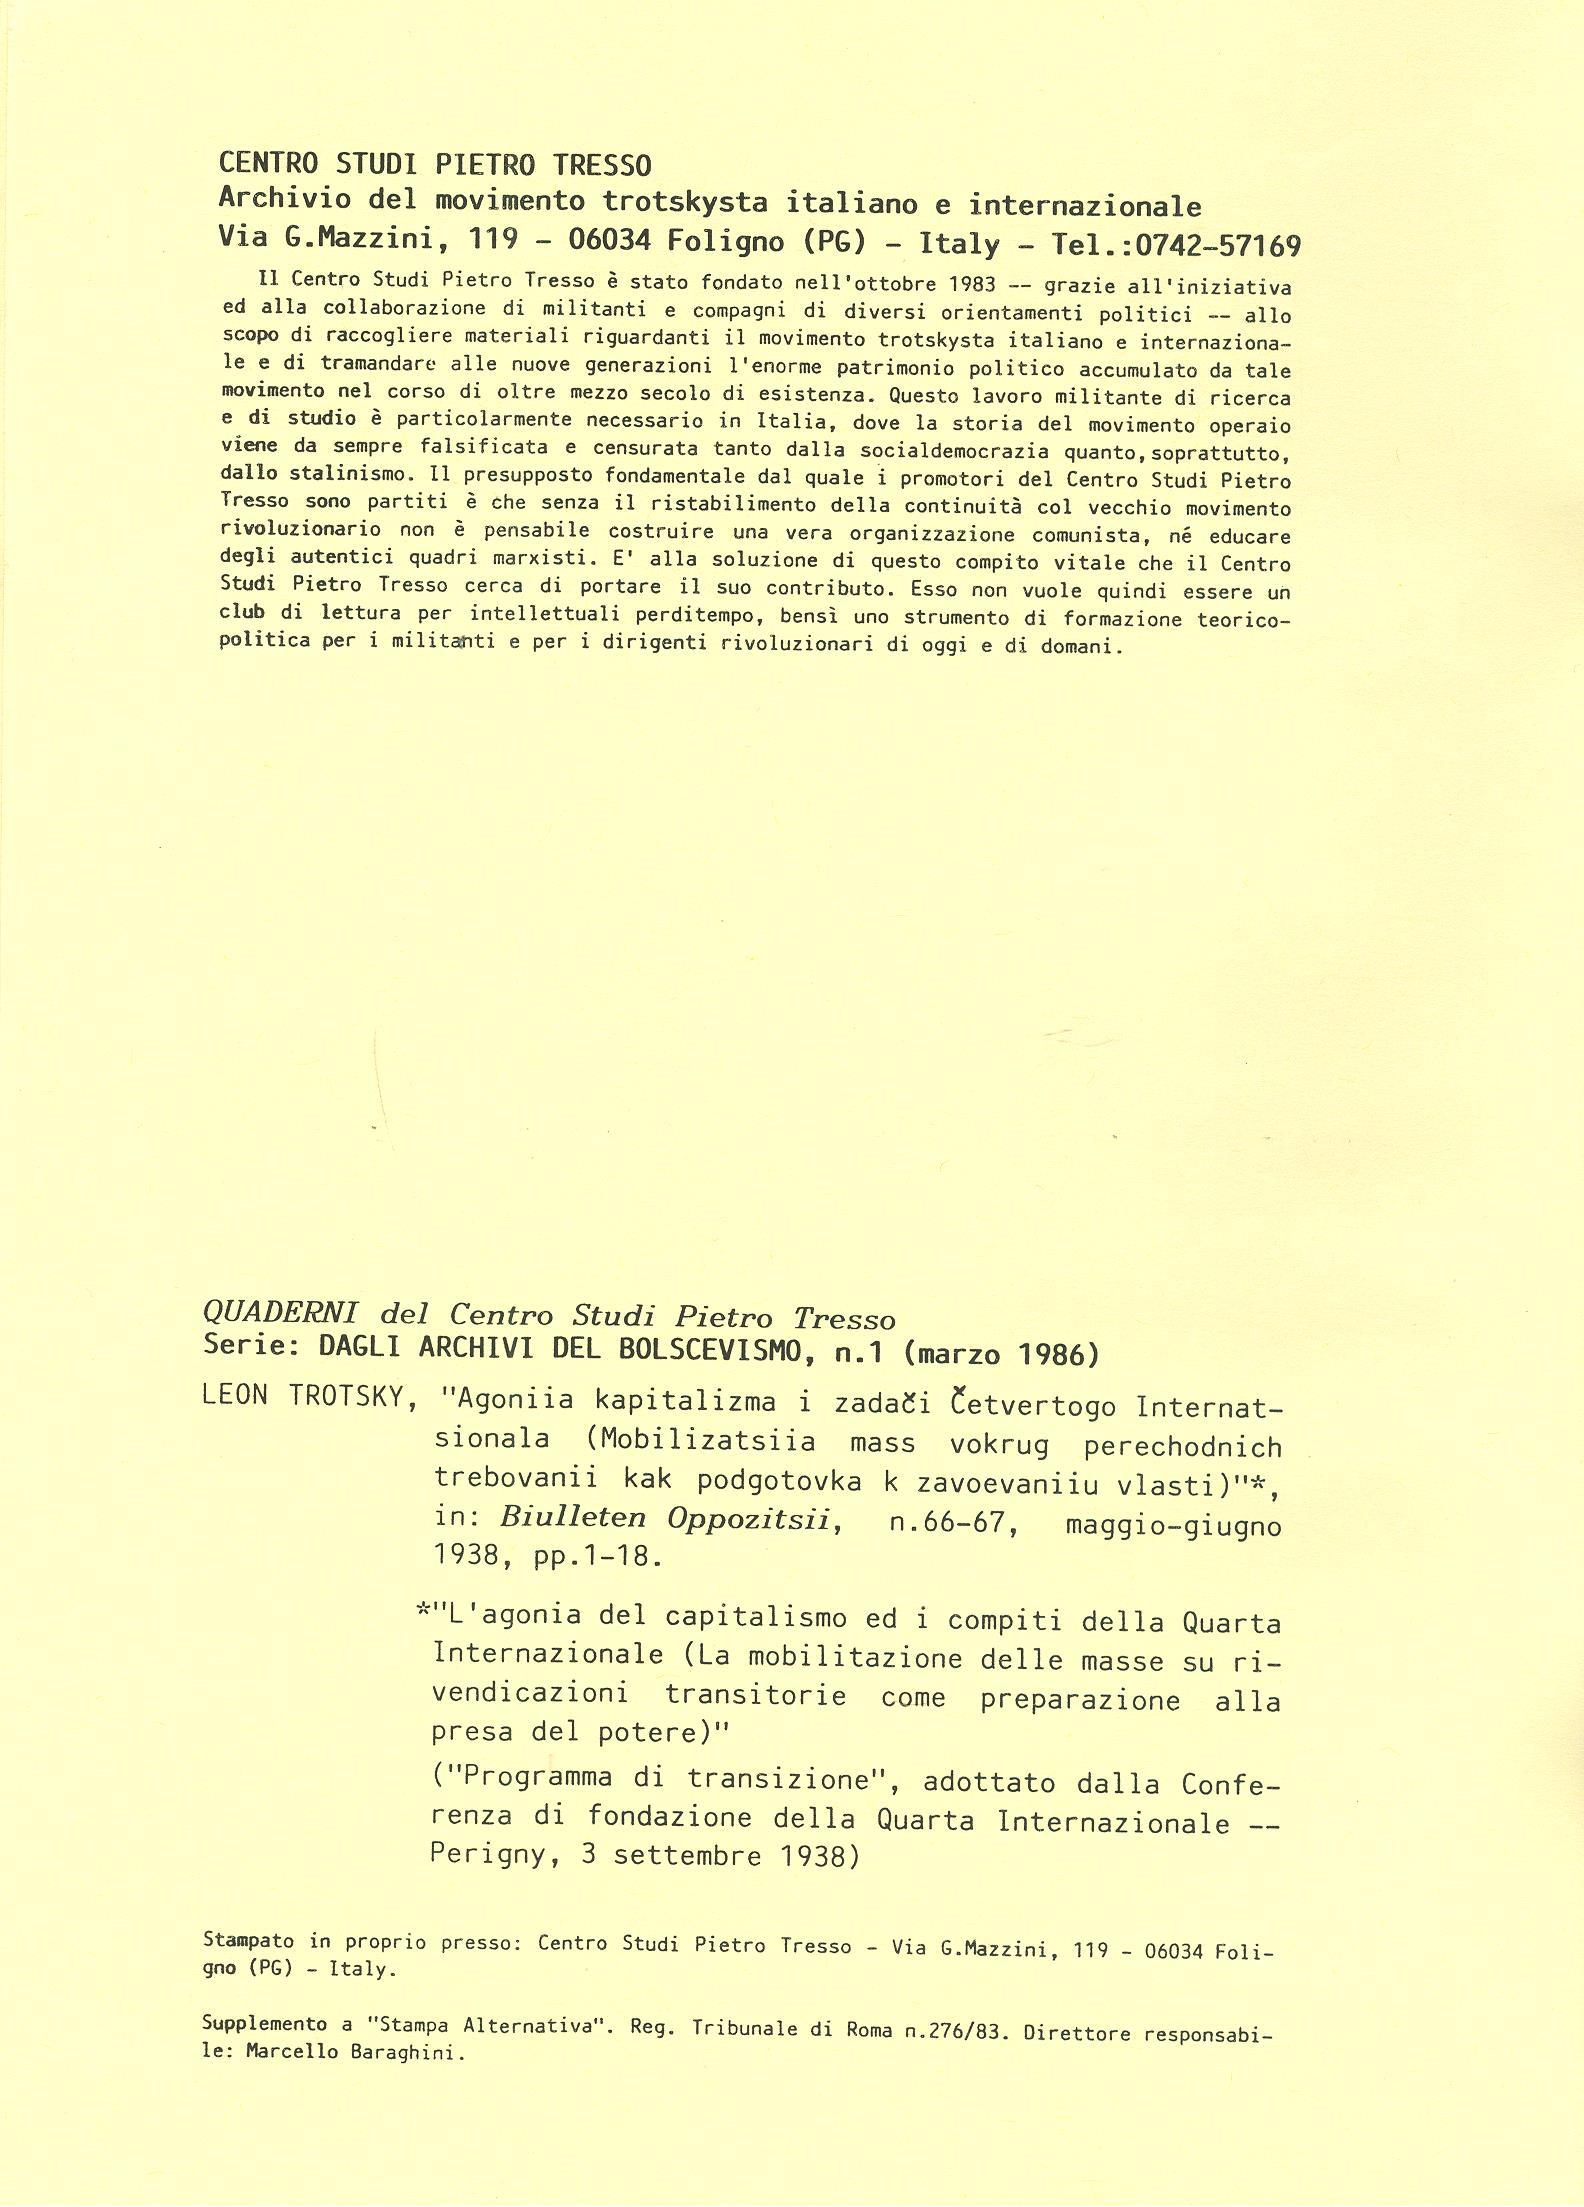 Dagli archivi del bolscevismo n. 1 (marzo 1986) - pag. I